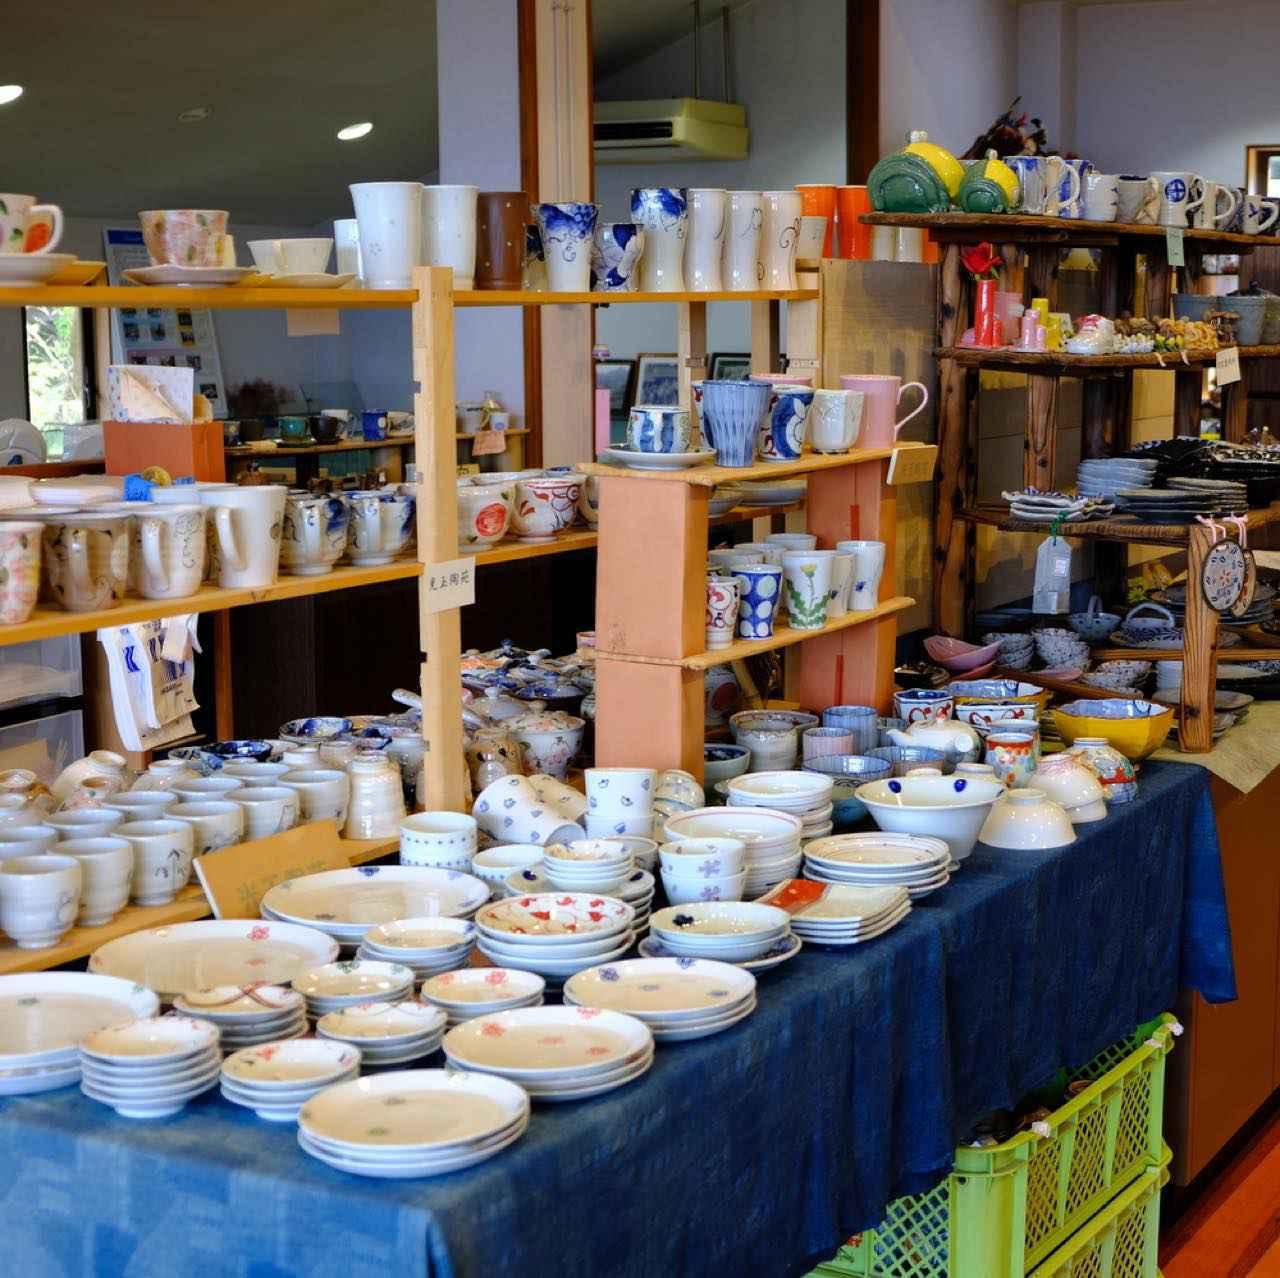 画像: こちらには中尾山の窯元の器がたくさん置いてあります。また中尾山の昔の話や新聞記事なども見せていただけました。